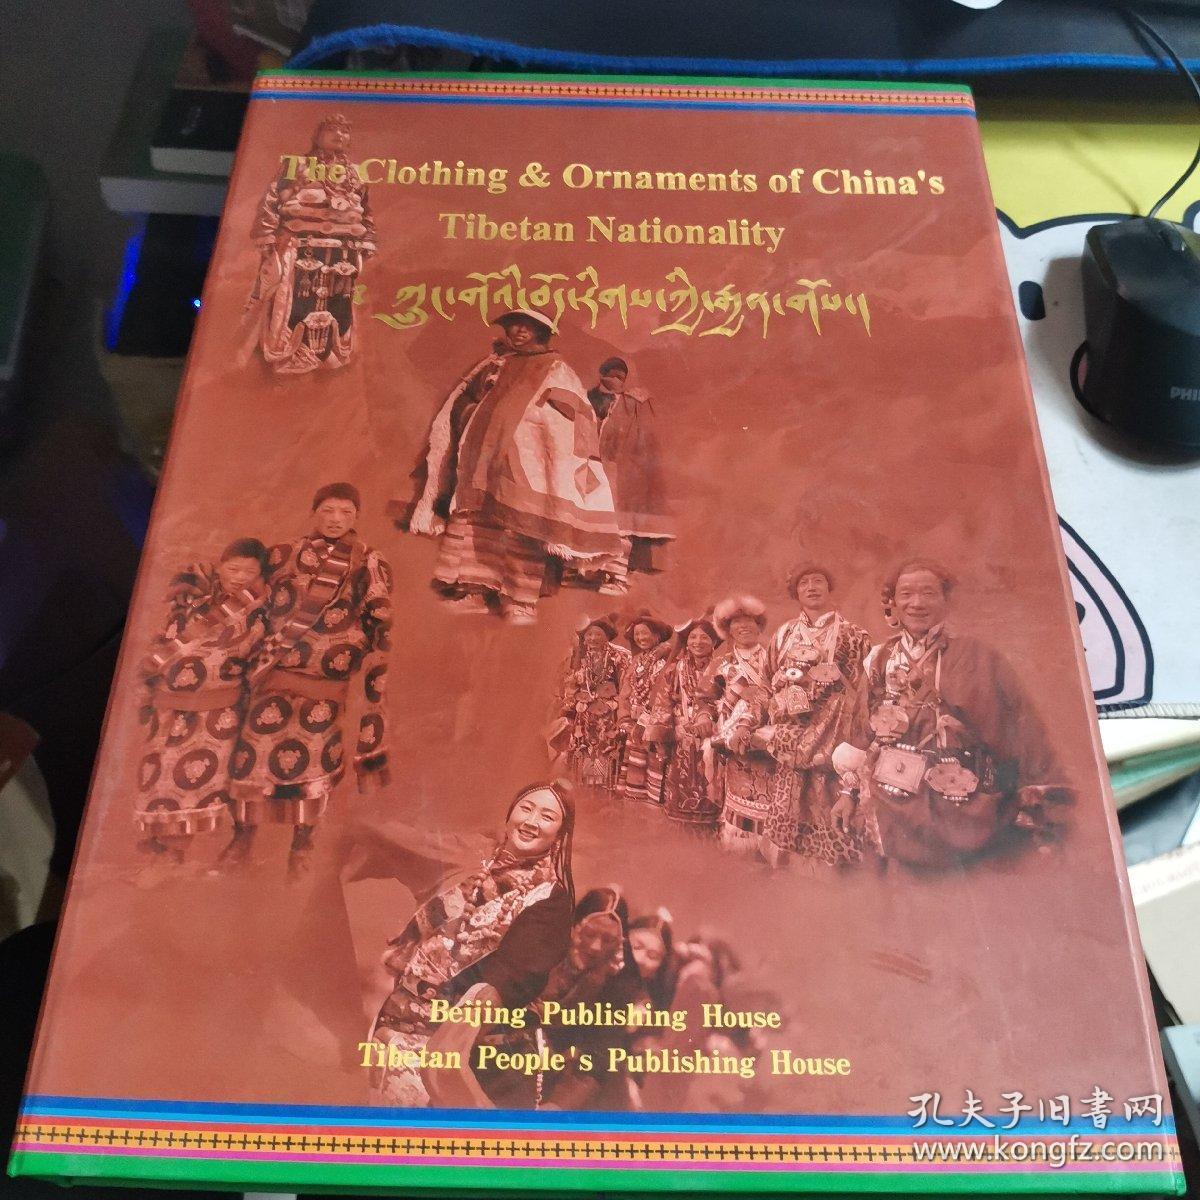 中国藏族服饰